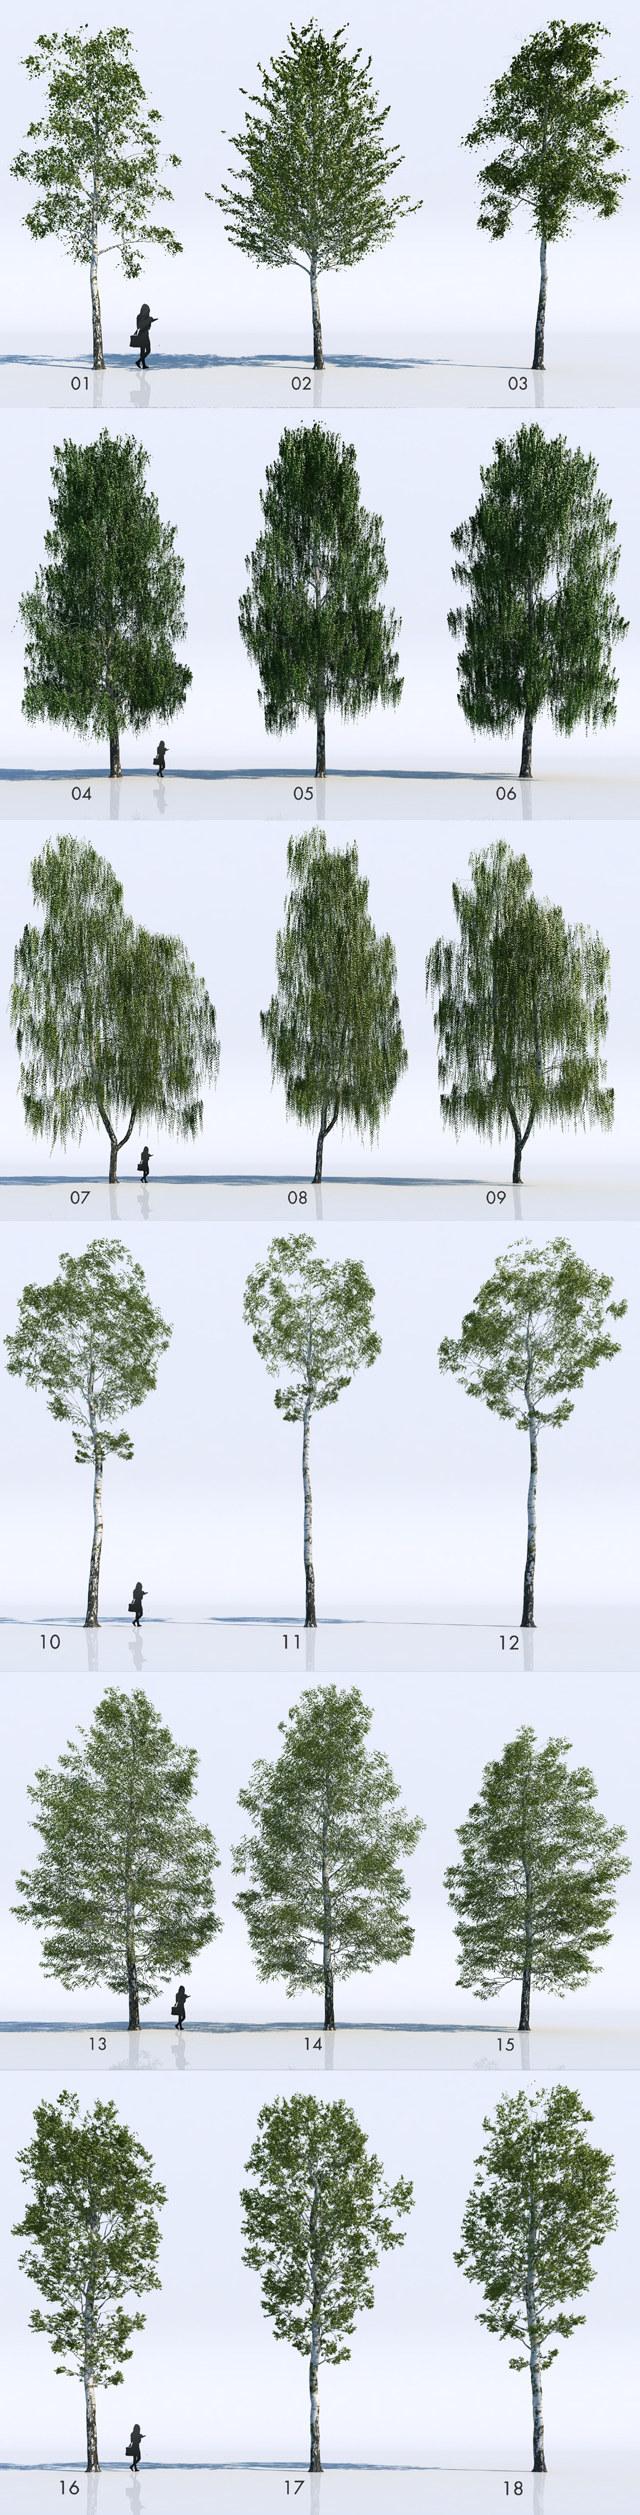 Extrêmement VizPeople : 18 arbres 3D gratuits pour 3ds Max et V-Ray - 3DVF.com EW57